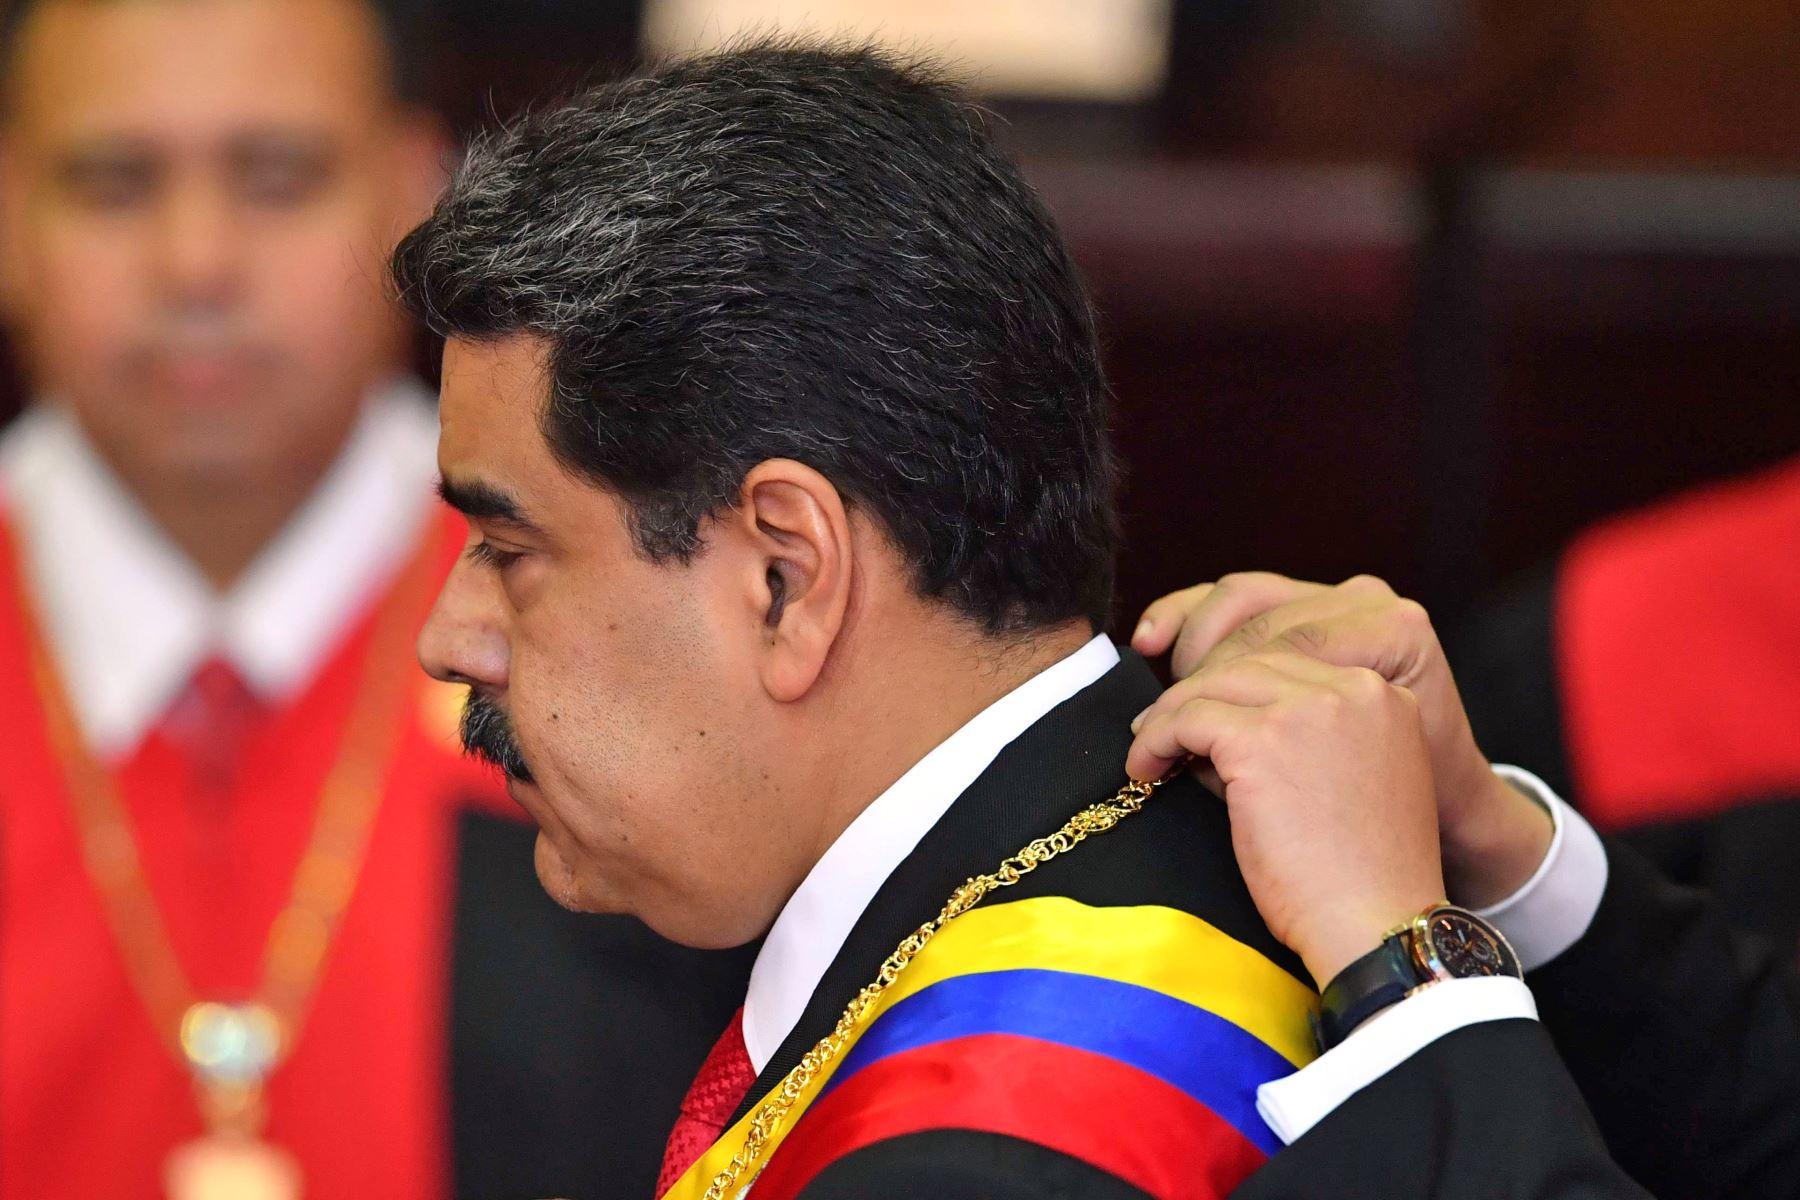 El presidente de Venezuela, Nicolás Maduro, recibe el marco presidencial durante la ceremonia de inauguración de su segundo mandato, en la sede del TSJ en Caracas.  Maduro comienza un nuevo mandato que los críticos consideran ilegítimo, con la economía en caída libre y el país. mas aislado que nunca. AFP